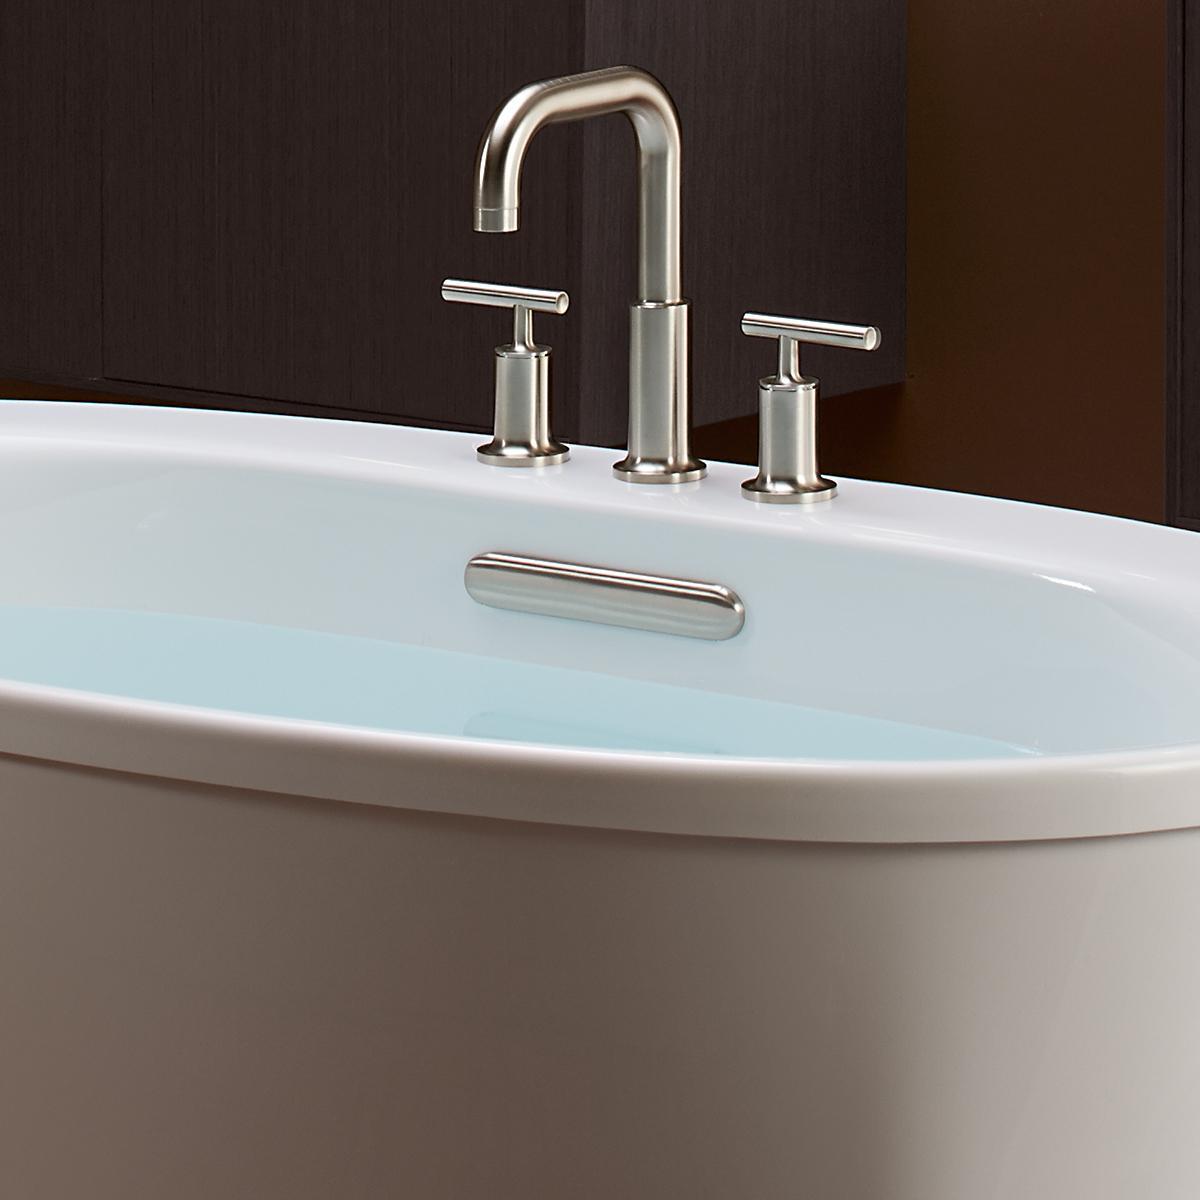 KOHLER K-5713-0 Underscore Oval Drop-In Bath with Center Drain, 60 x ...